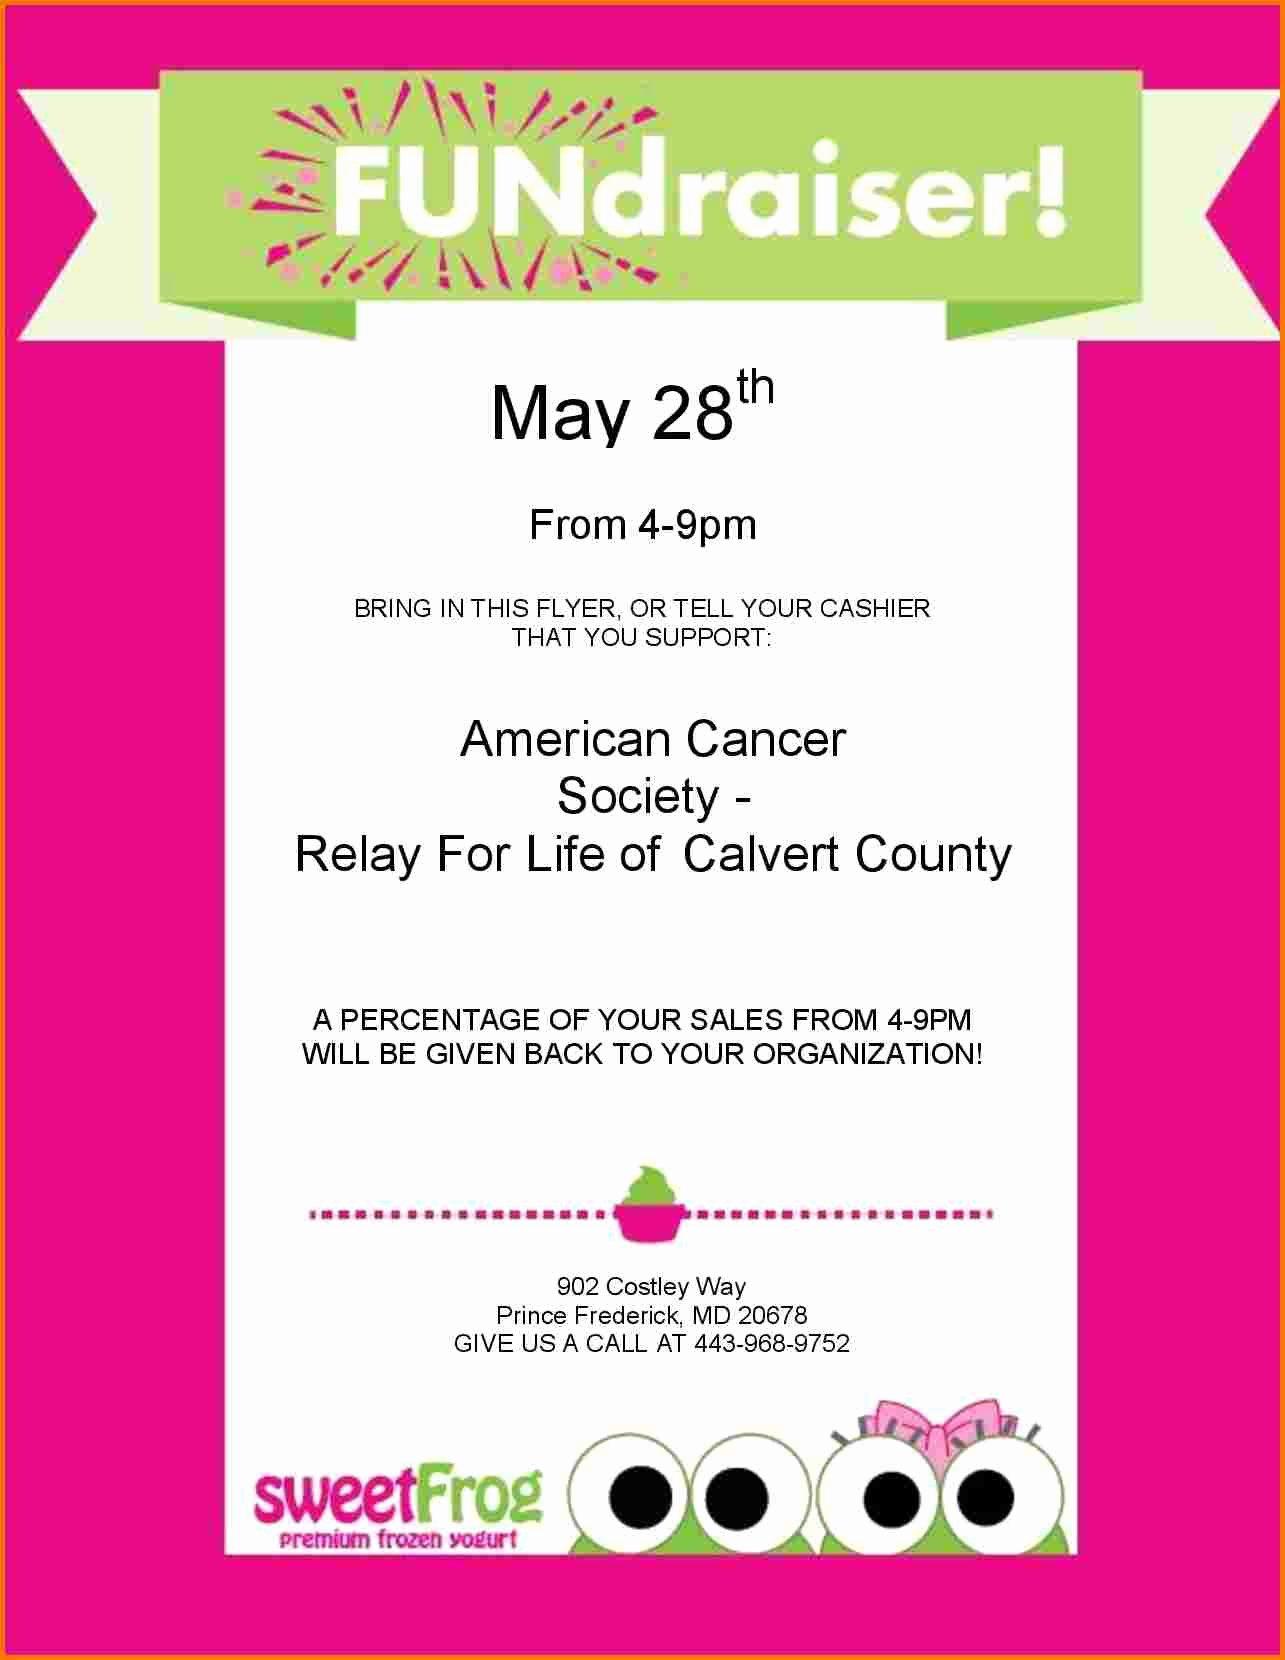 Fundraiser Flyer Template Free Inspirational Fundraiser Template